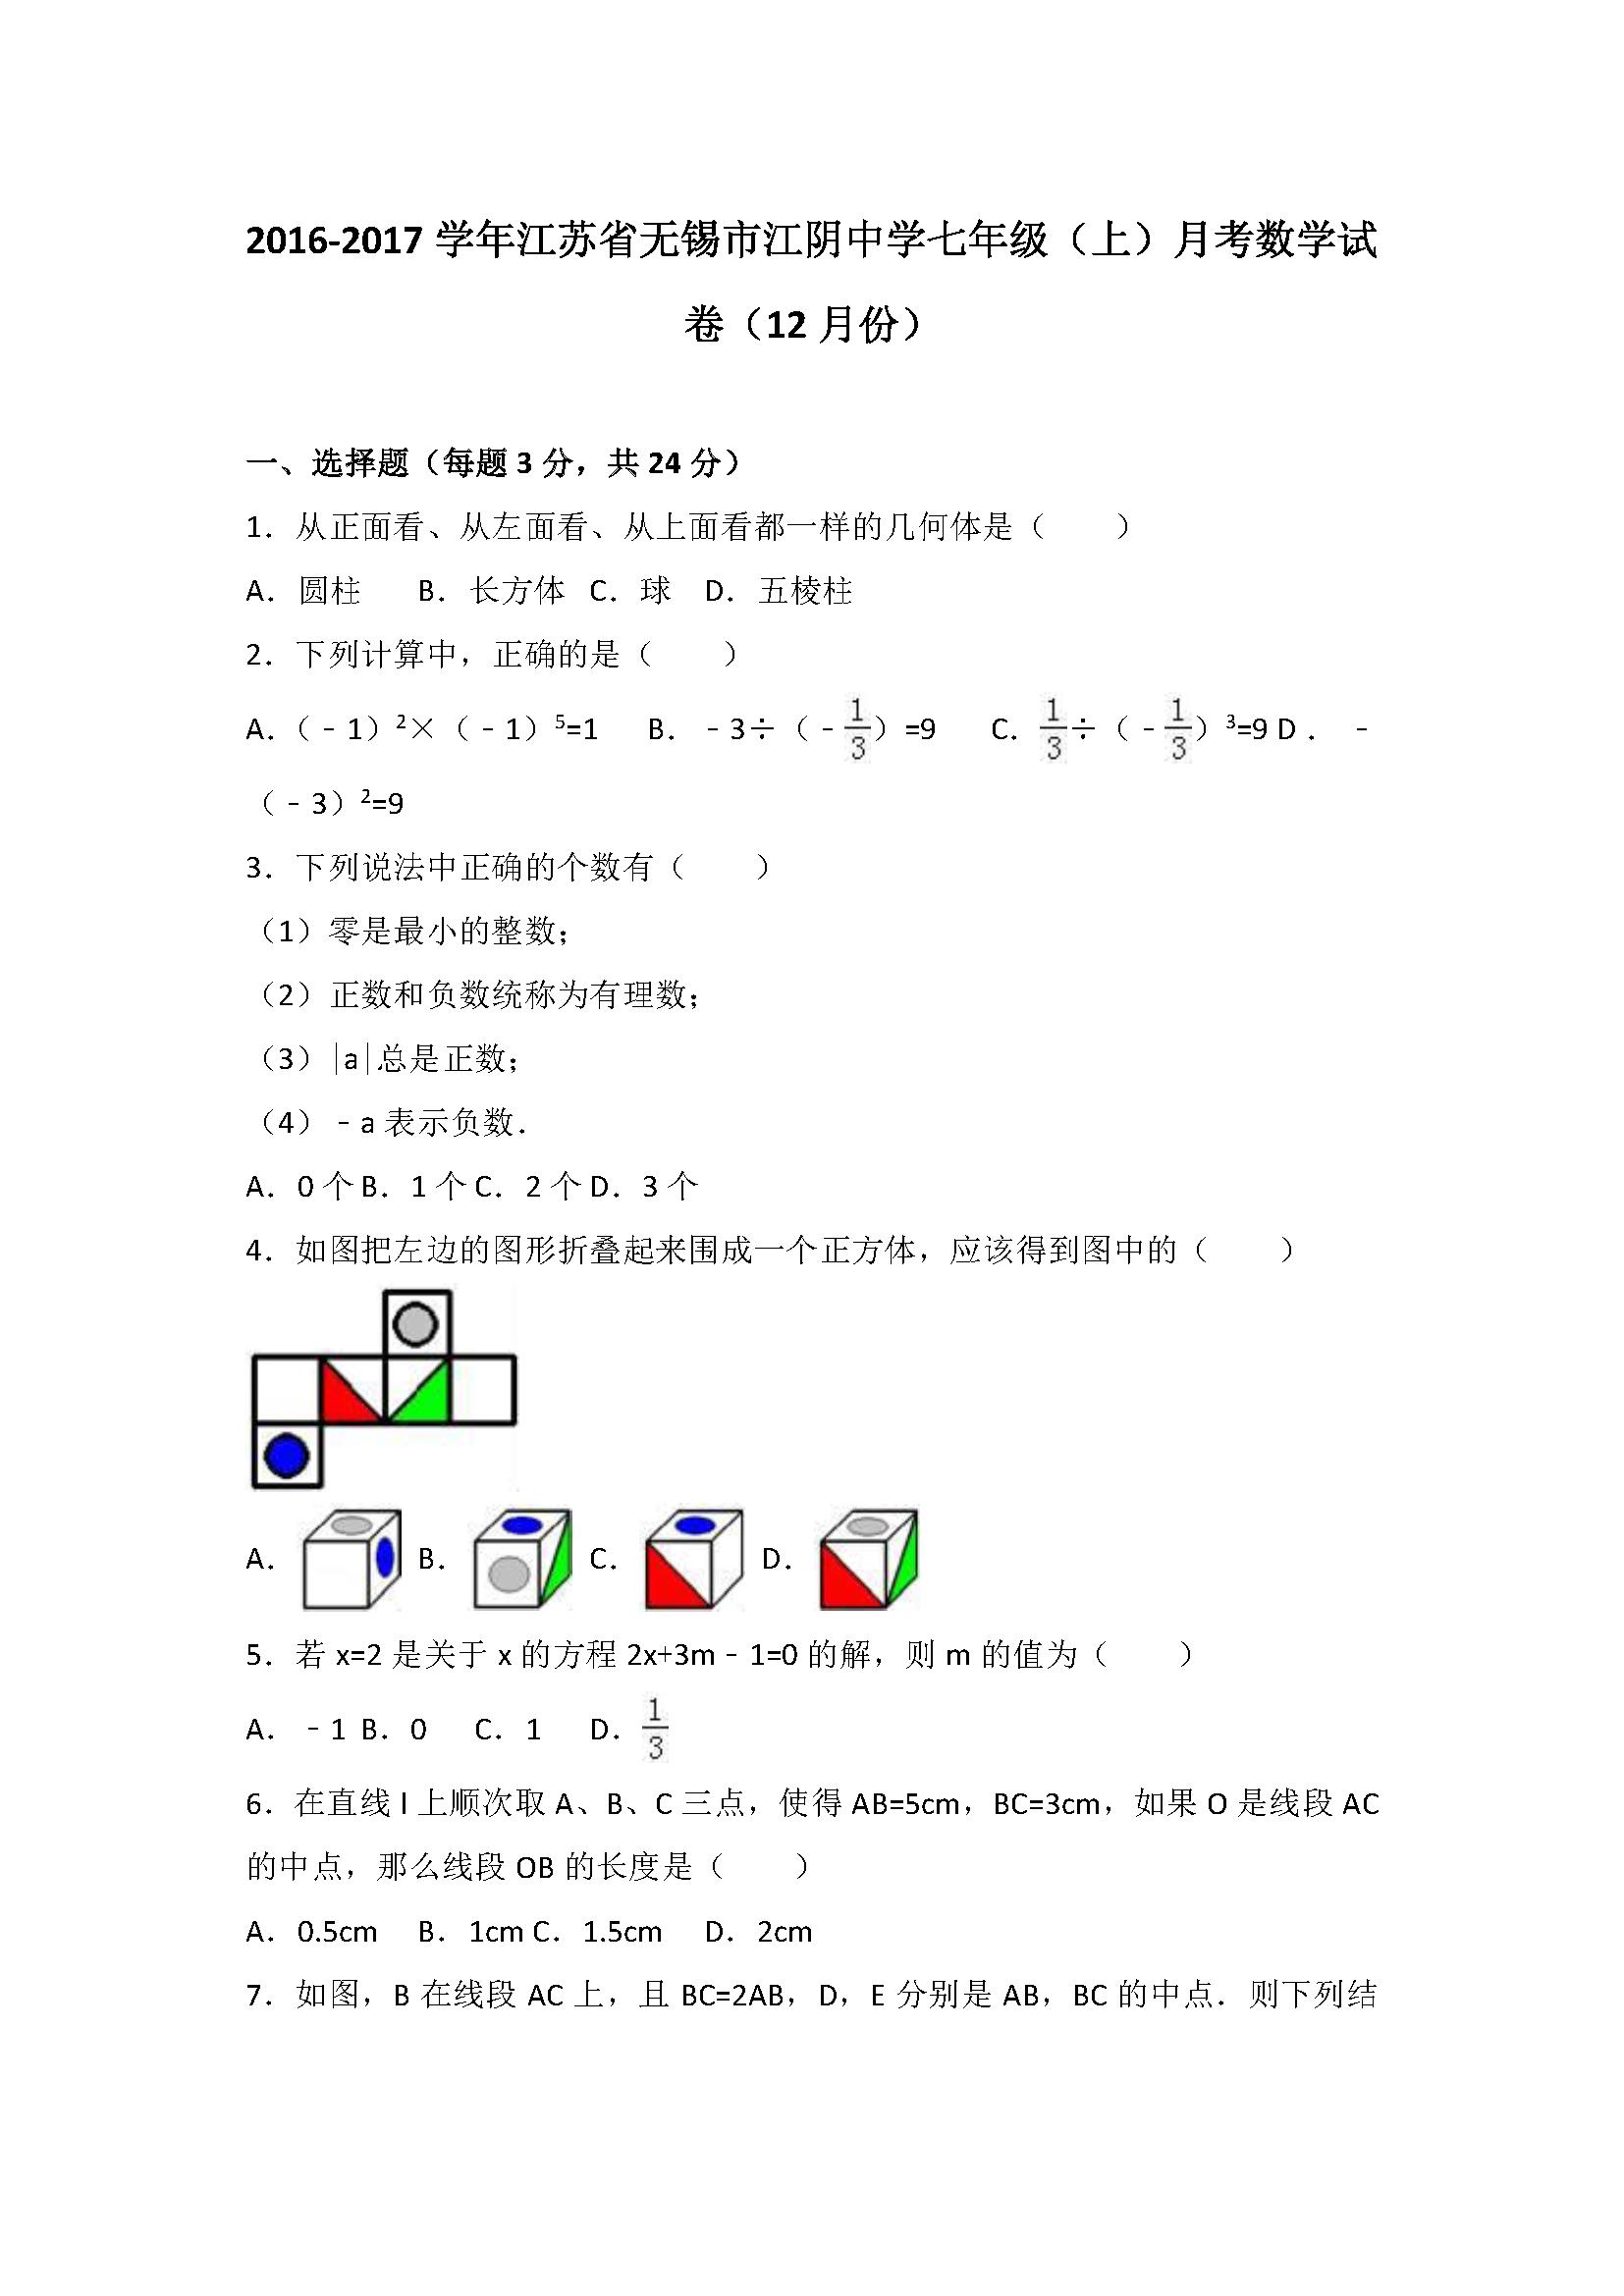 2017江苏无锡江阴七年级上月考数学试卷(Word版)